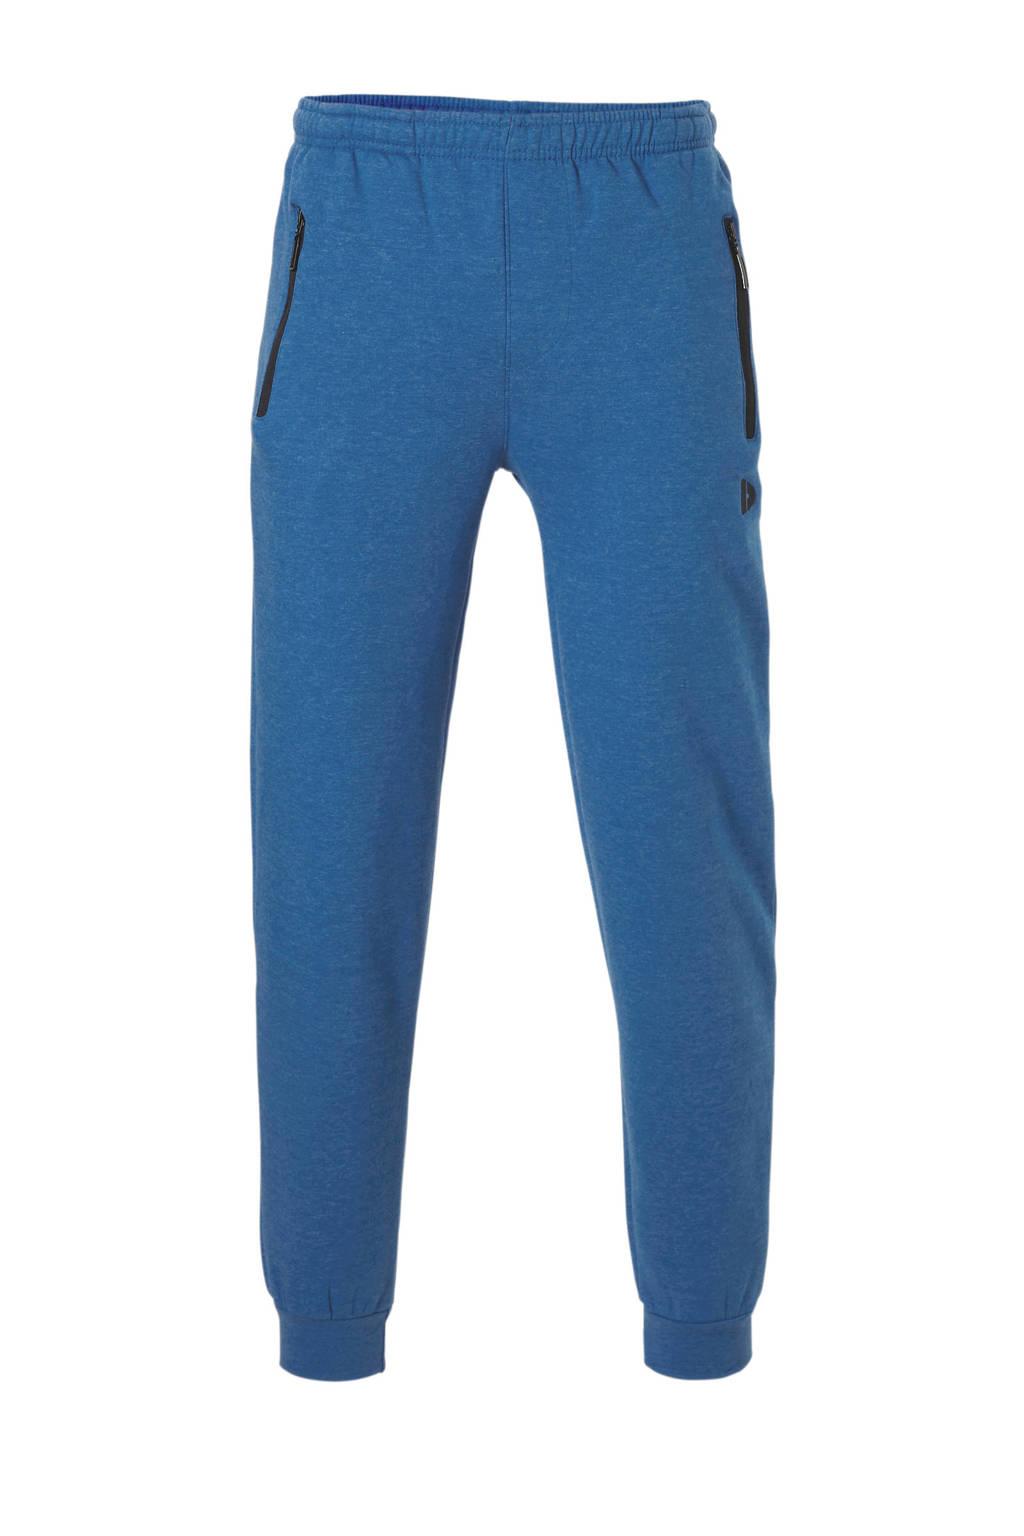 Donnay   joggingbroek hard blauw gemeleerd, Hard Blauw Gemeleerd